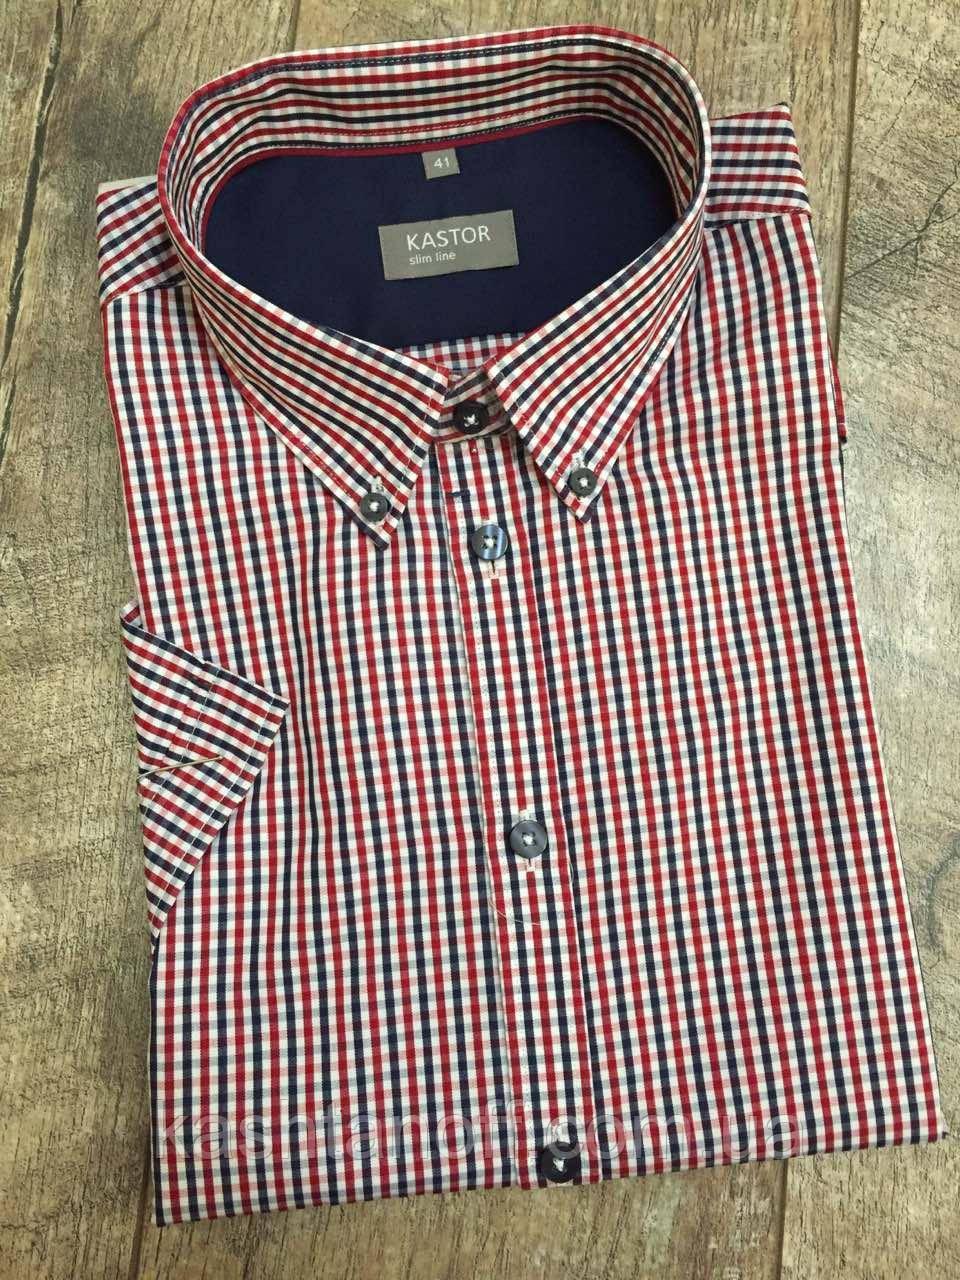 Мужская рубашка KASTOR в сине-красную клетку